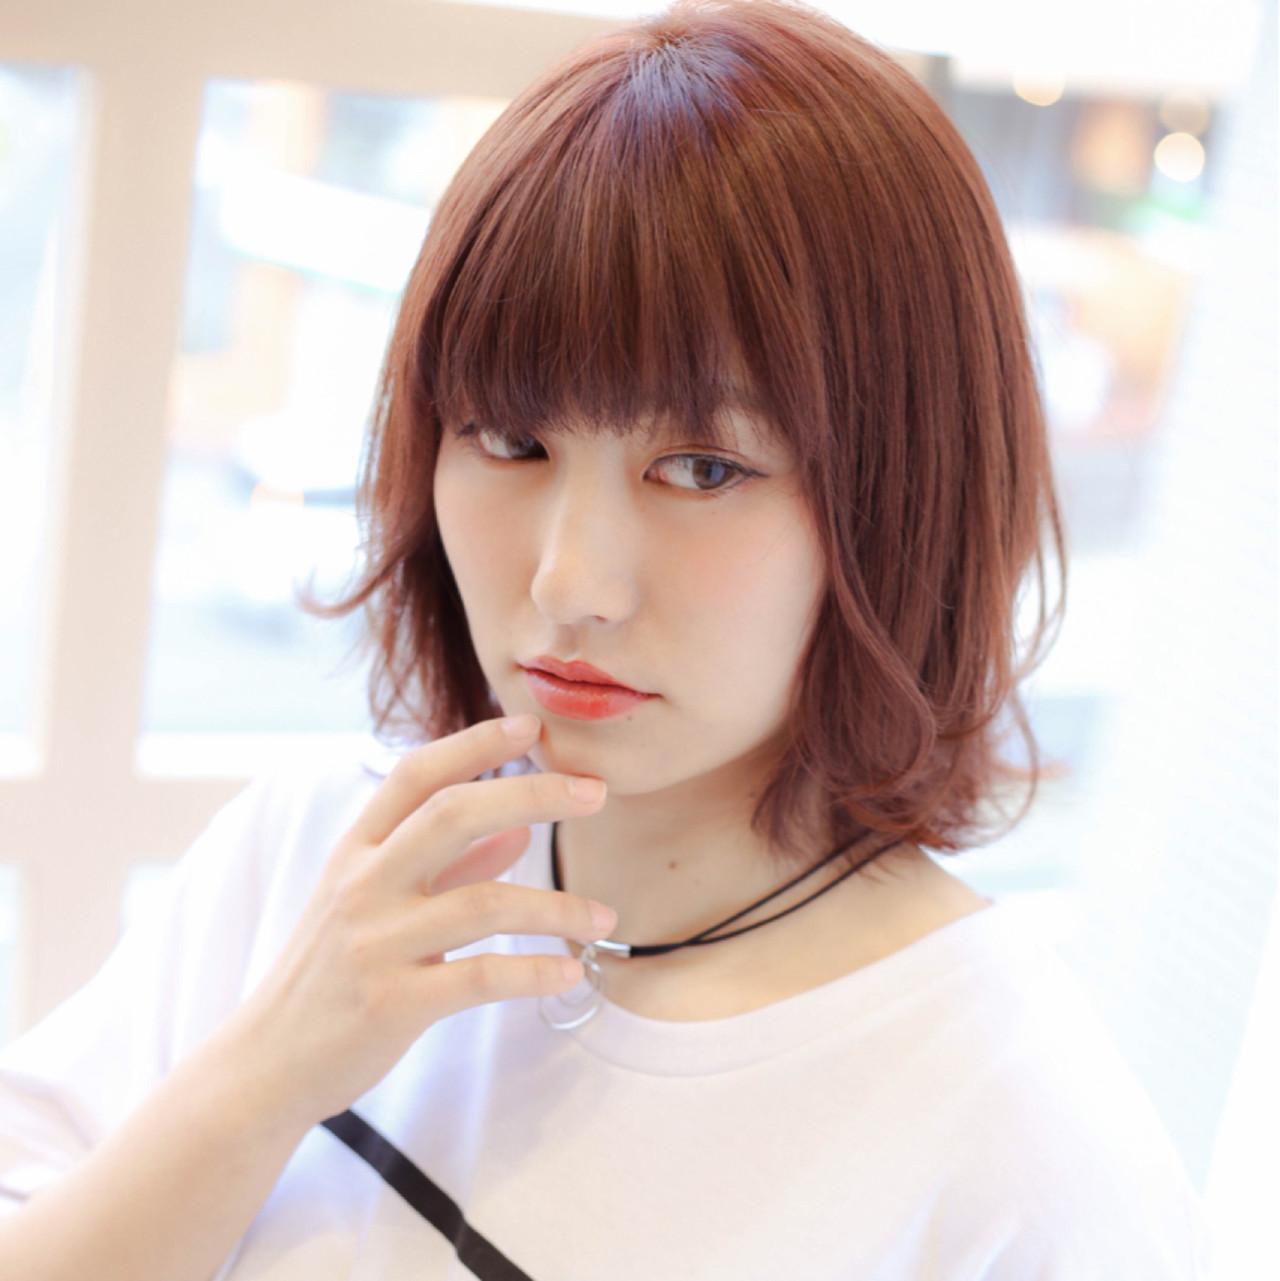 色気 ウルフカット レッド 前髪あり ヘアスタイルや髪型の写真・画像